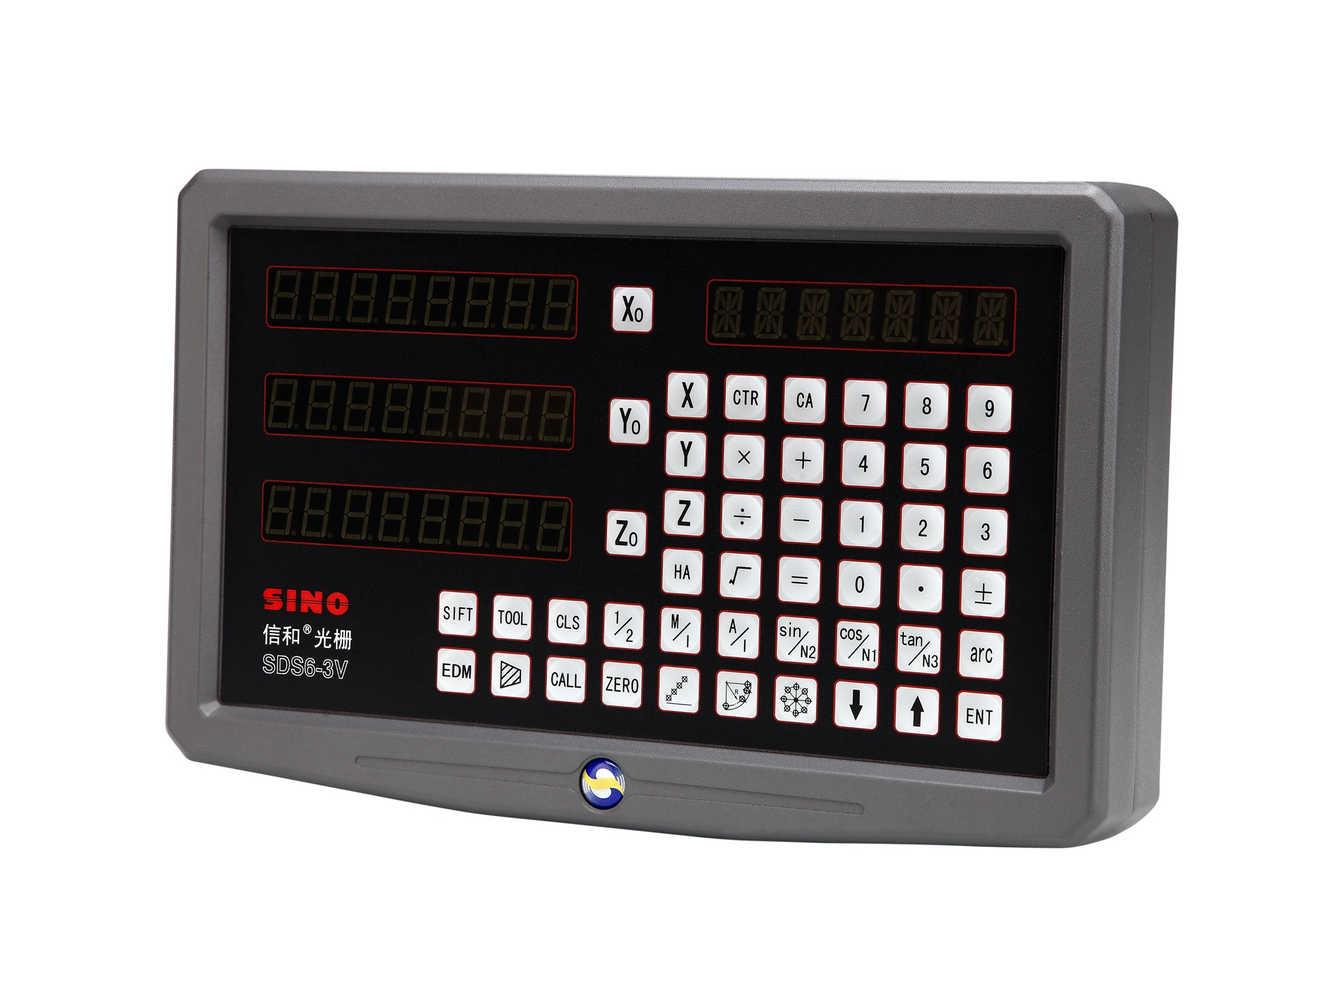 SDS6-3V 3軸表示器